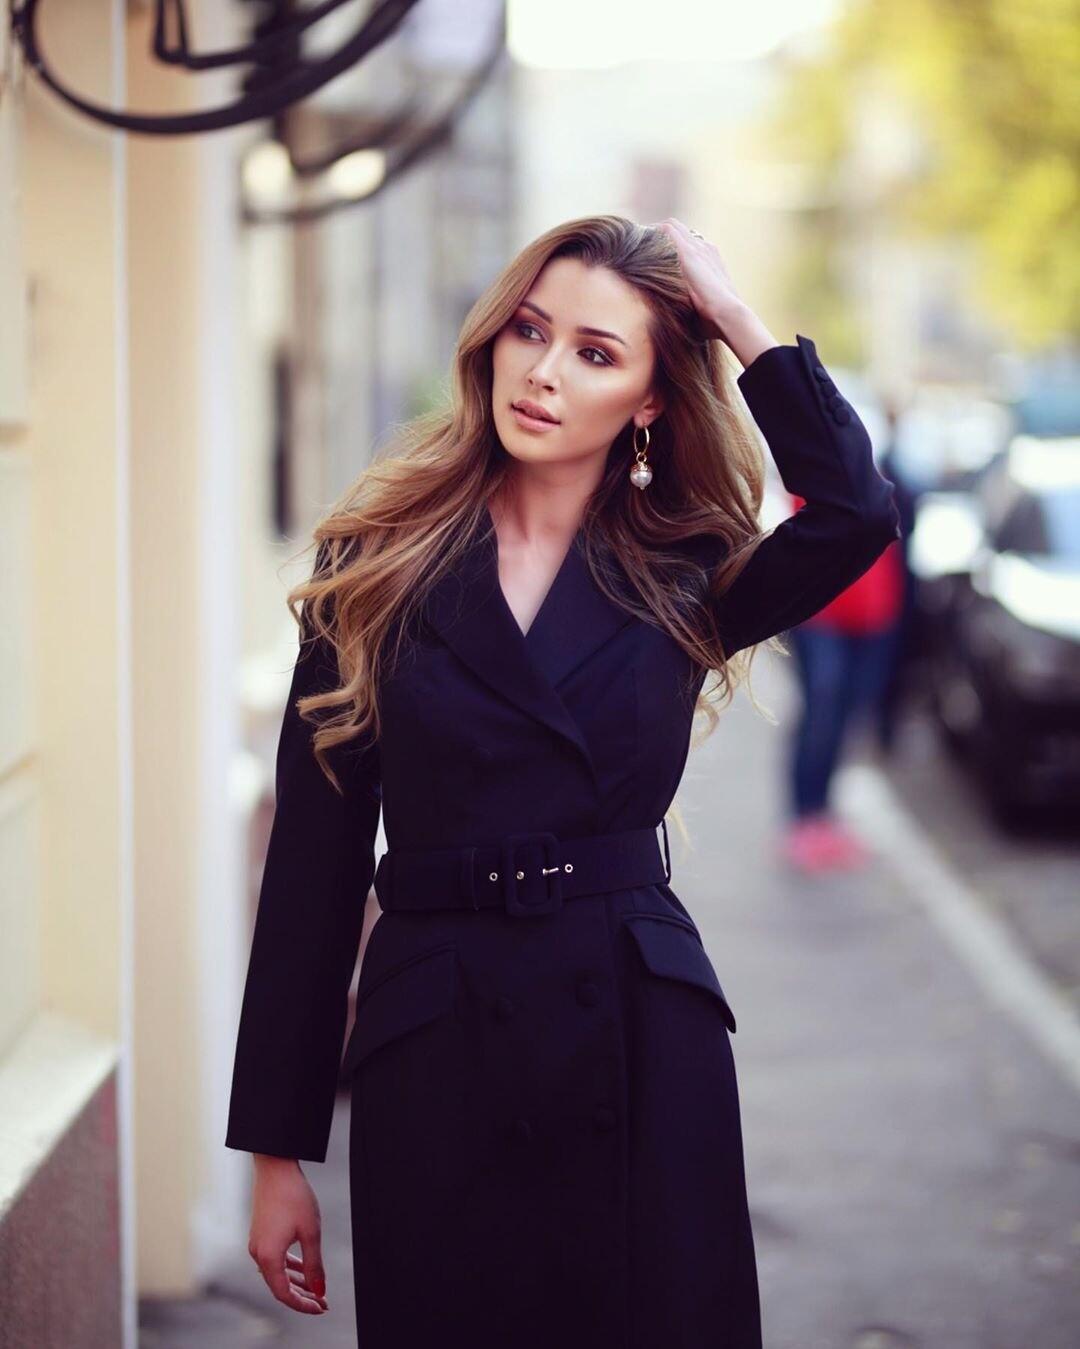 «Нам не интересен хайп»: дочь Анастасии Заворотнюк объяснила, почему семья не общается с прессой